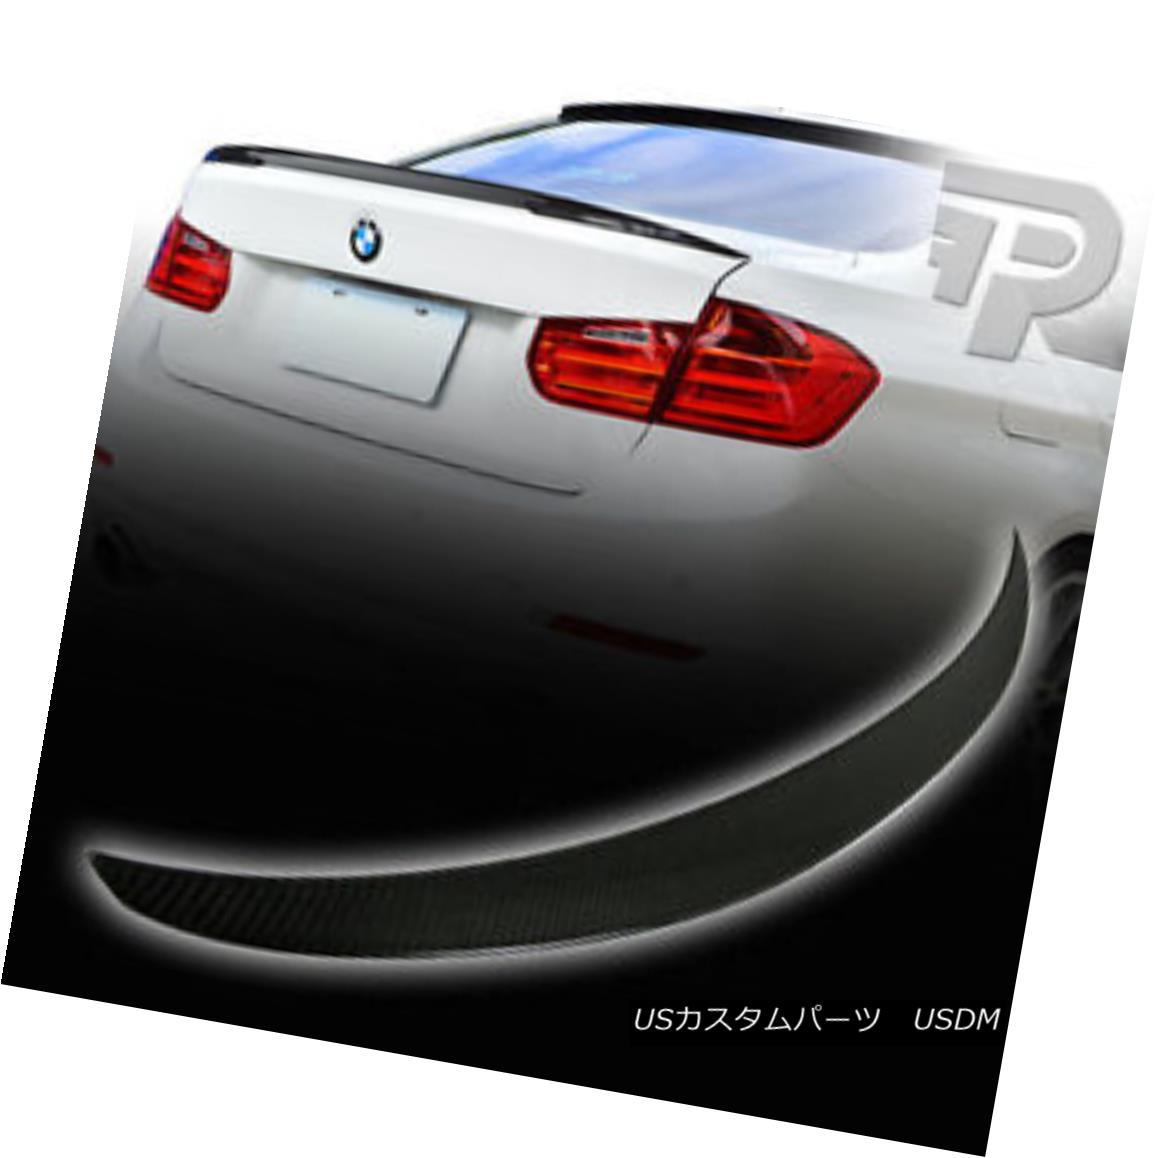 エアロパーツ CARBON FIBER BMW 3-SERIES F30 PERFORMANCE P TYPE REAR BOOT TRUNK SPOILER ▼ カーボンファイバーBMW 3シリーズF30性能Pタイプ後部ブーツトーンスポイラー?